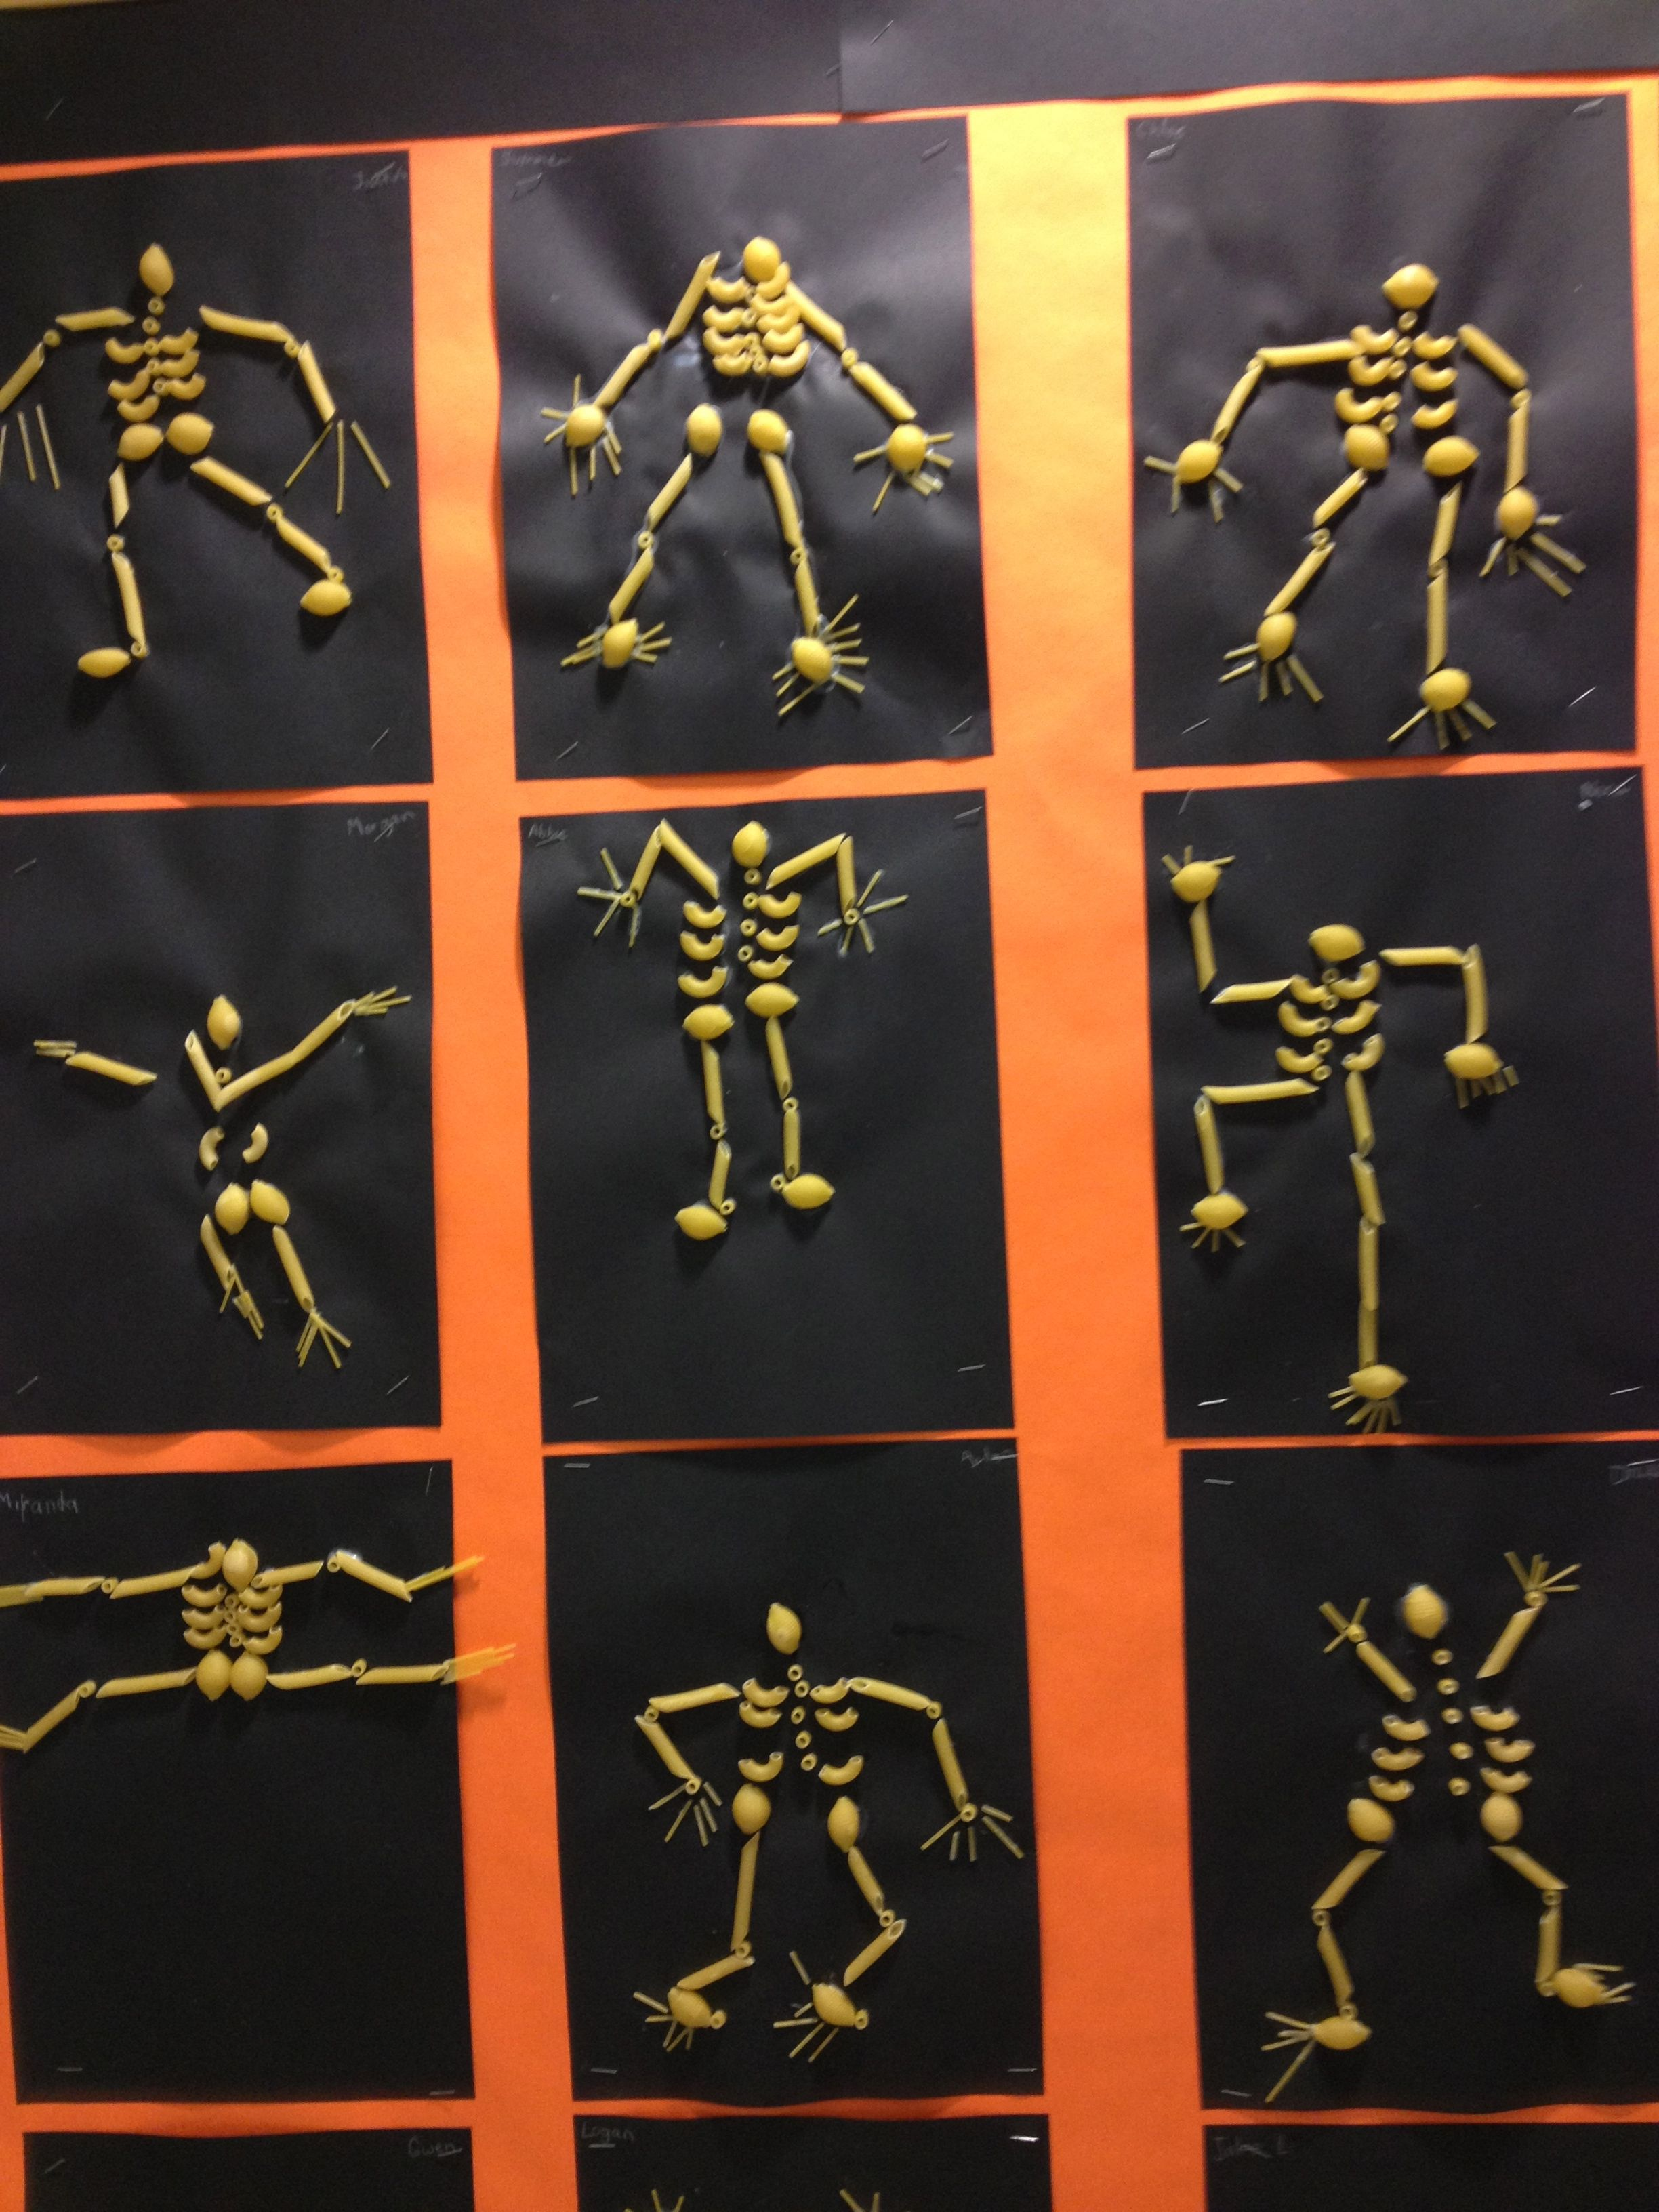 Noodle Skeletons